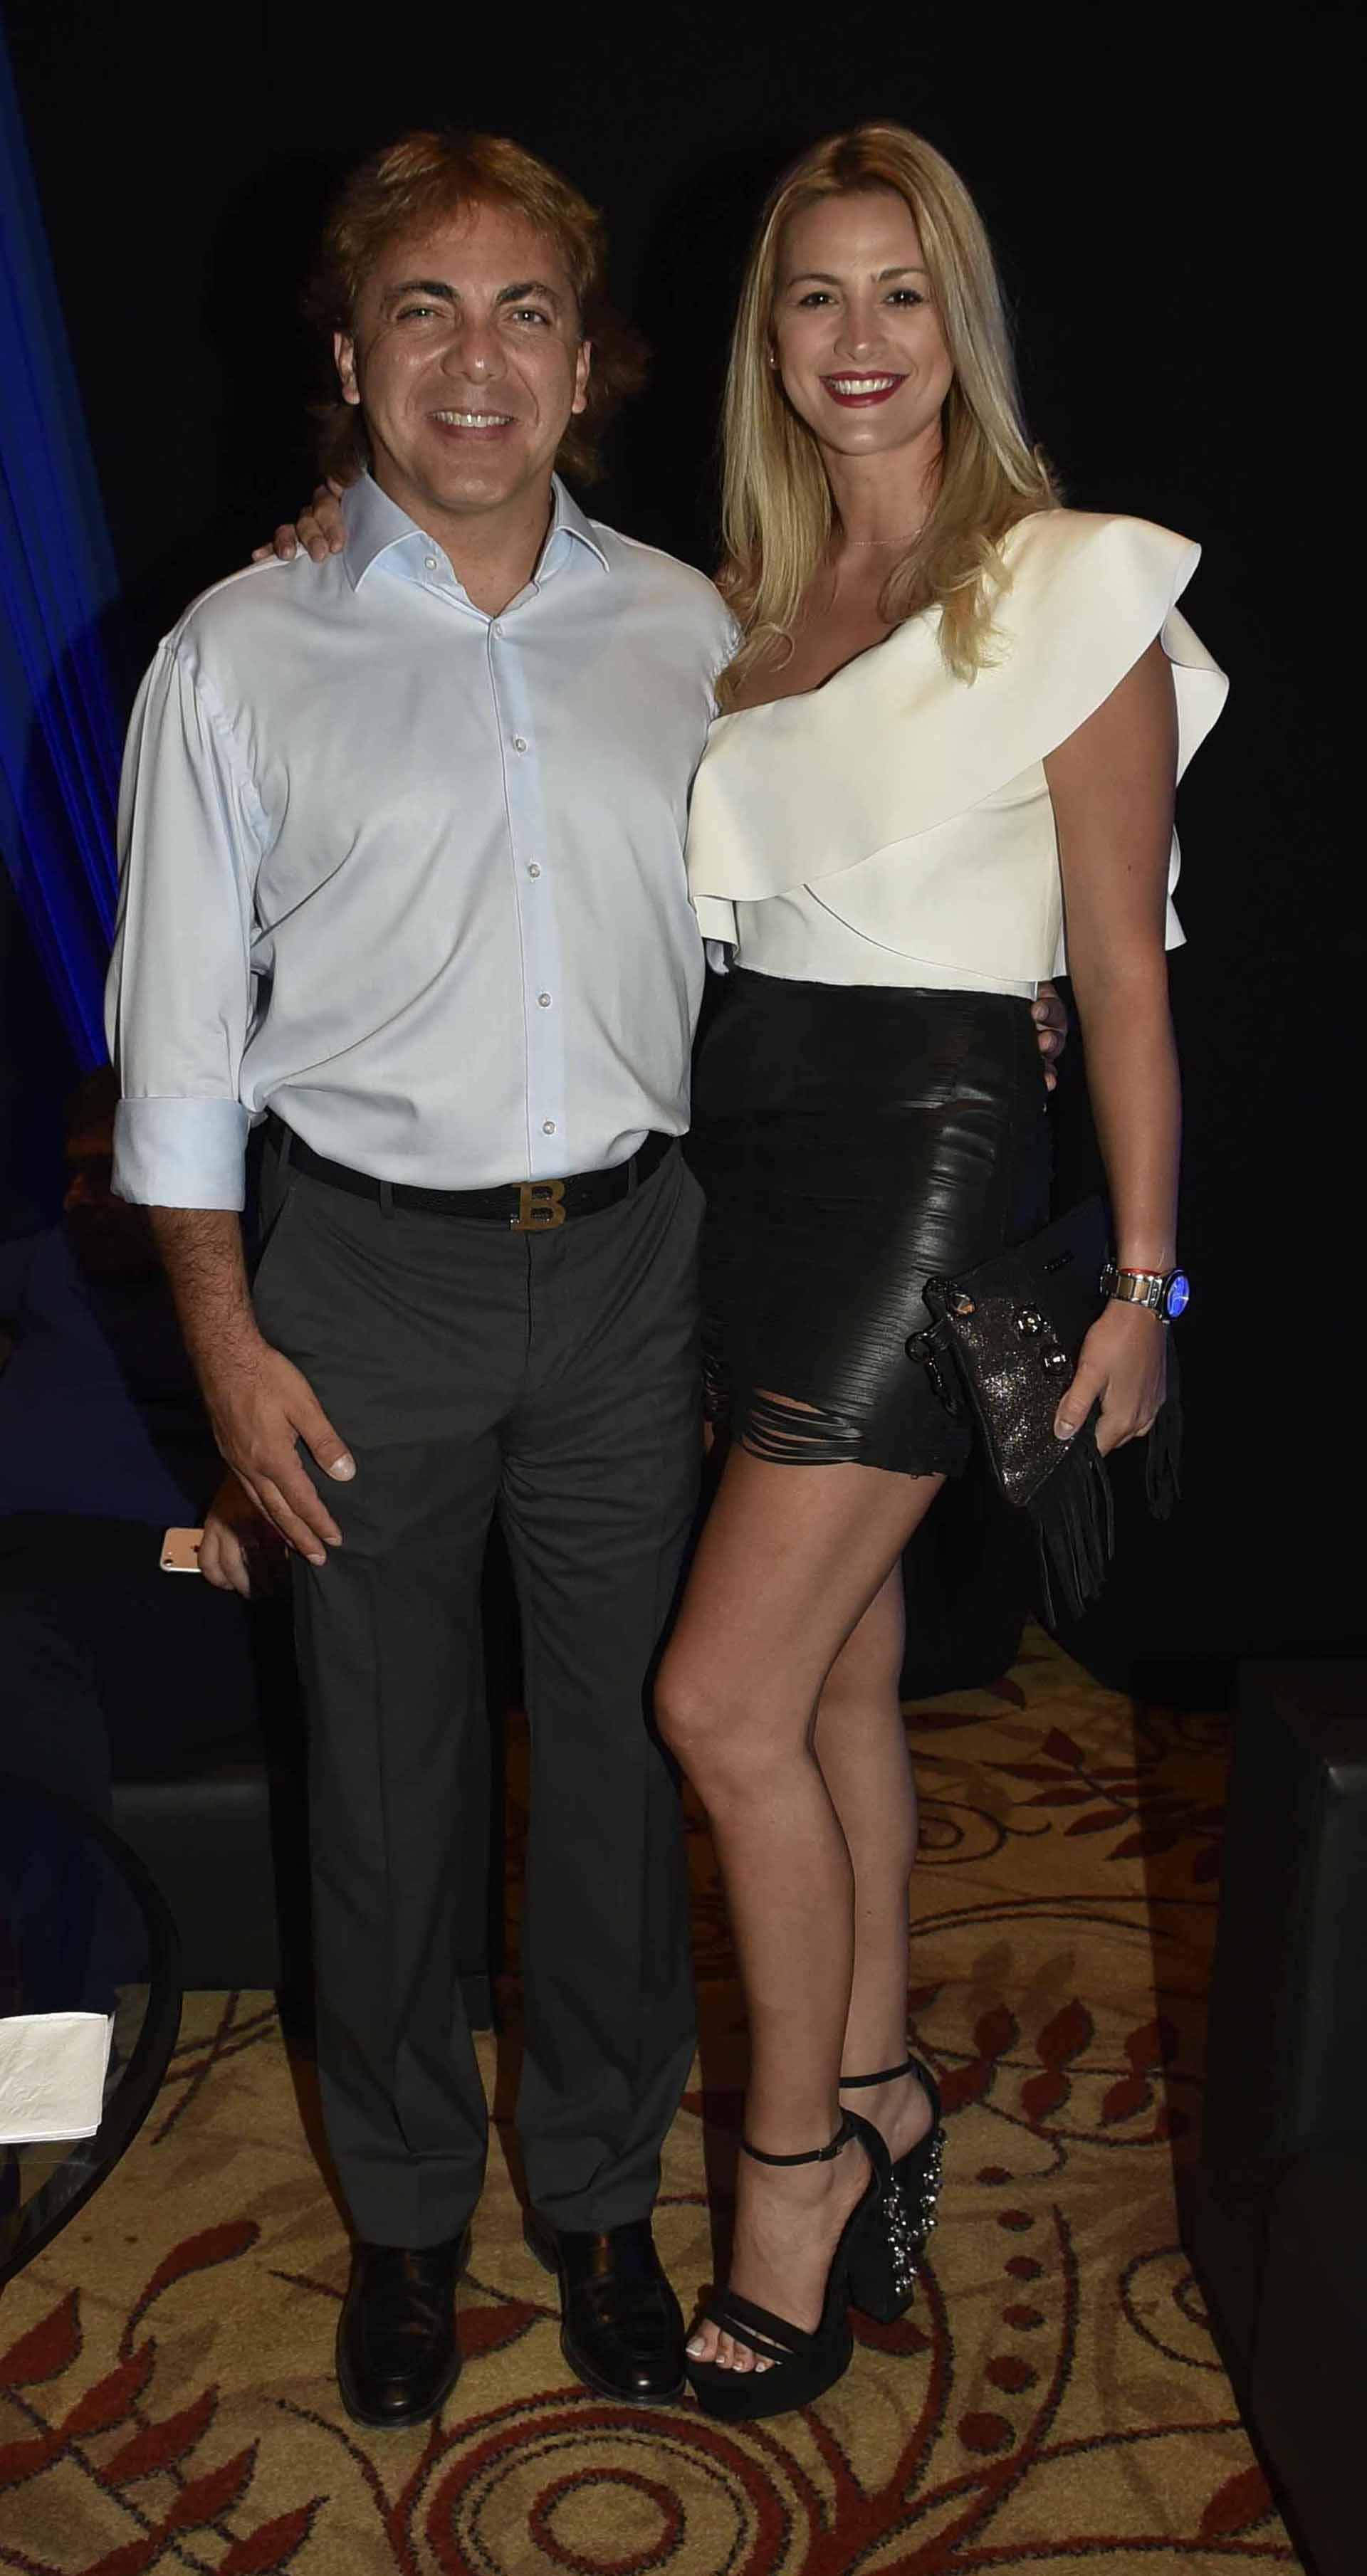 Cristian Castro y su novia Heidi Clair también estuvieron entre los invitados a la gala de Stravaganza